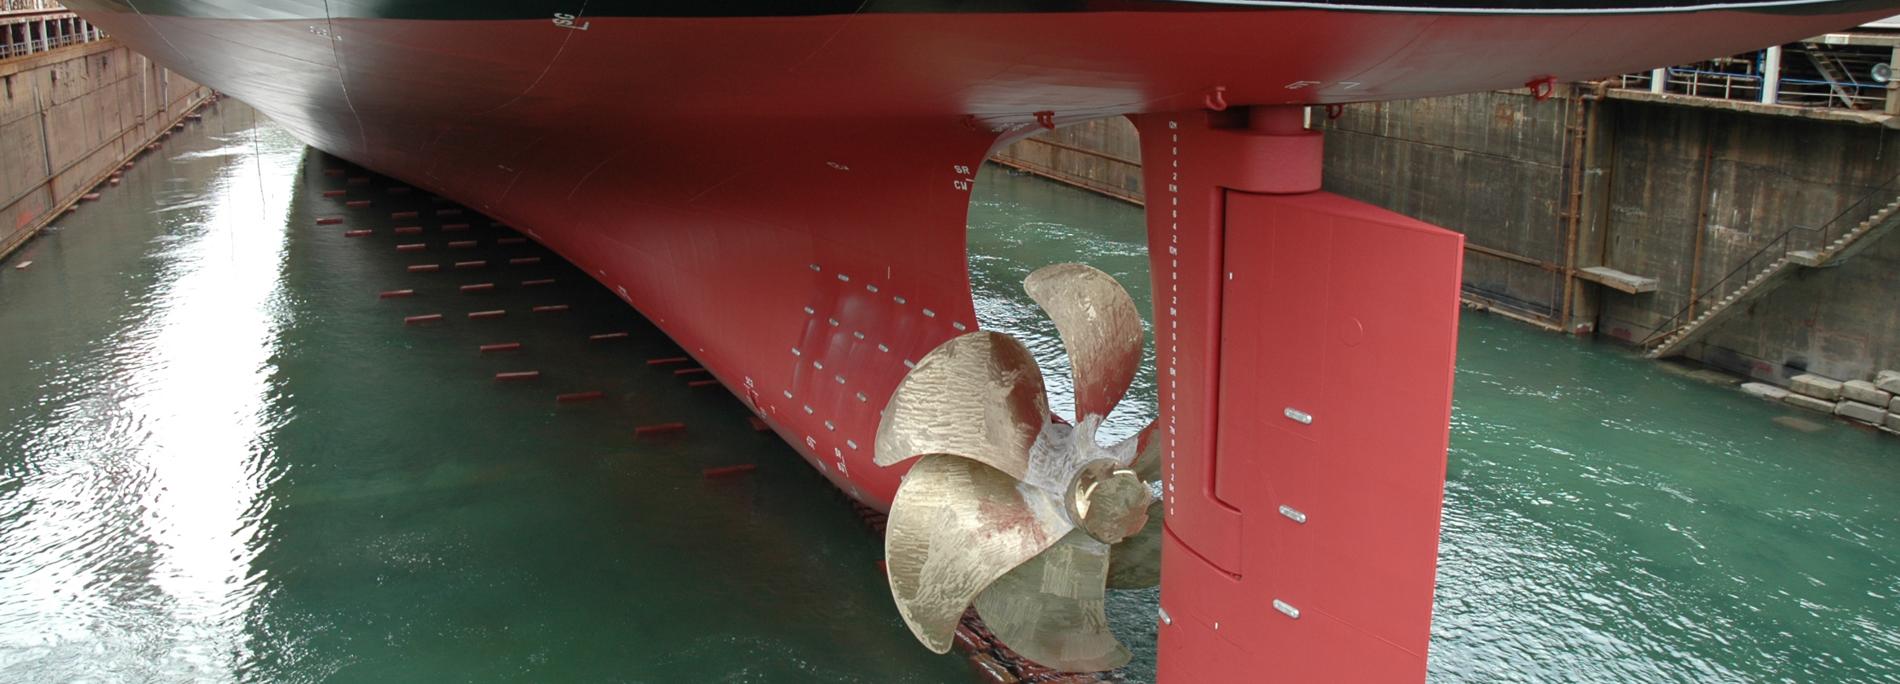 ドライドック出渠時の漲水時のプロペラ部分